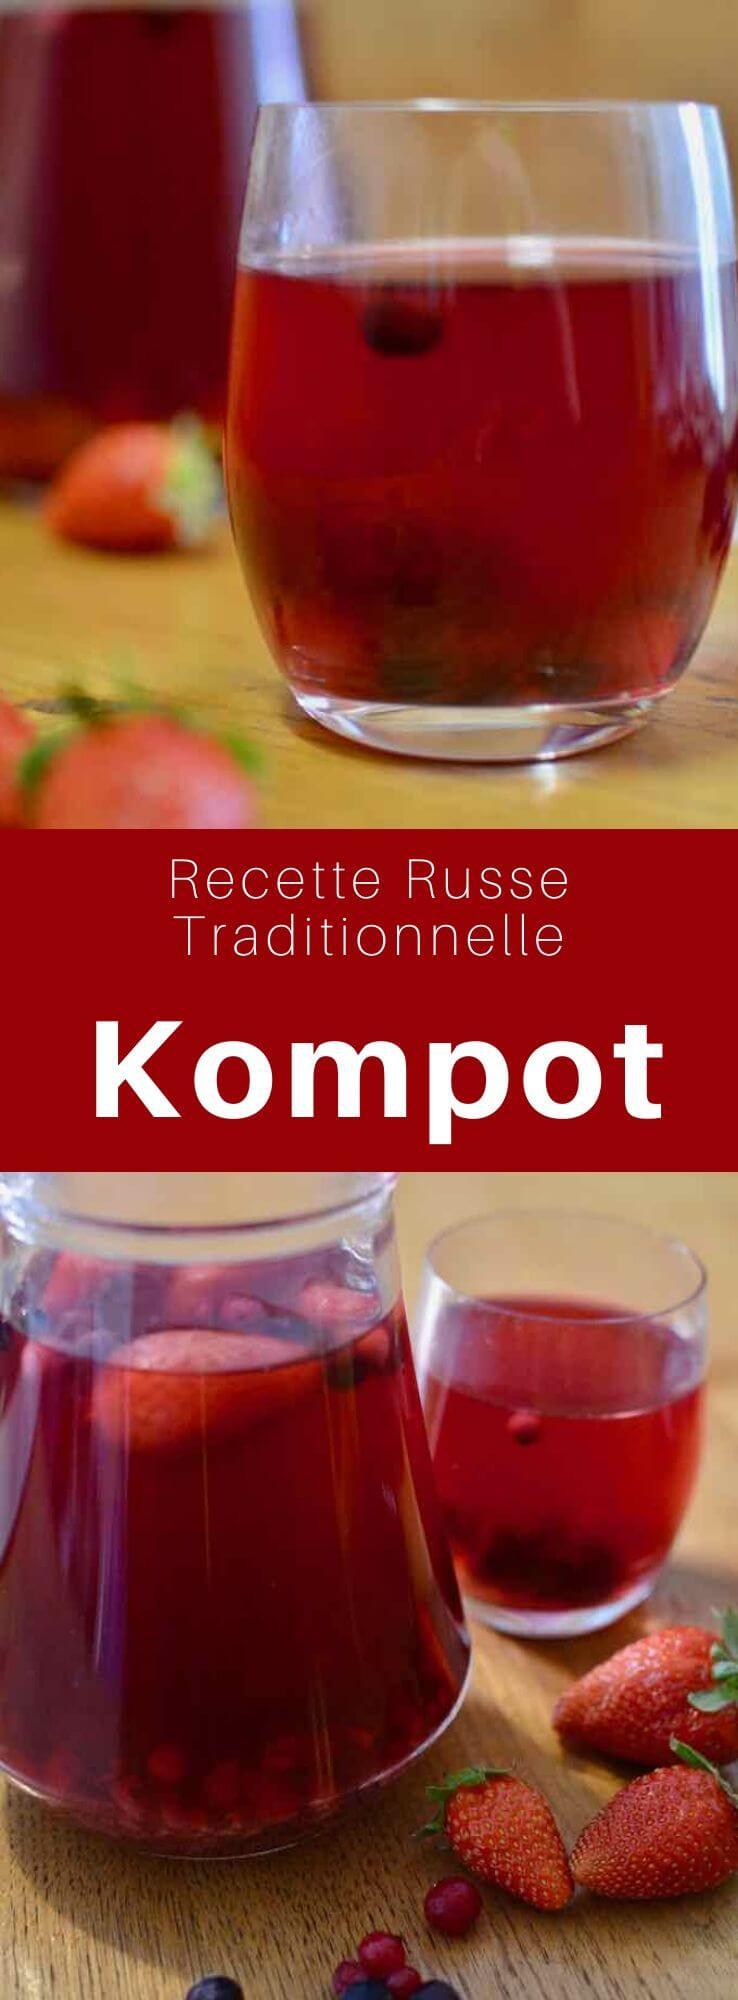 Le kompot est une boisson traditionnelle non alcoolisée très populaire en Europe de l'Est et dans les Balkans, faite à partir de fruits. #Russie #RecetteRusse #CuisineRusse #CuisineDuMonde #196flavors